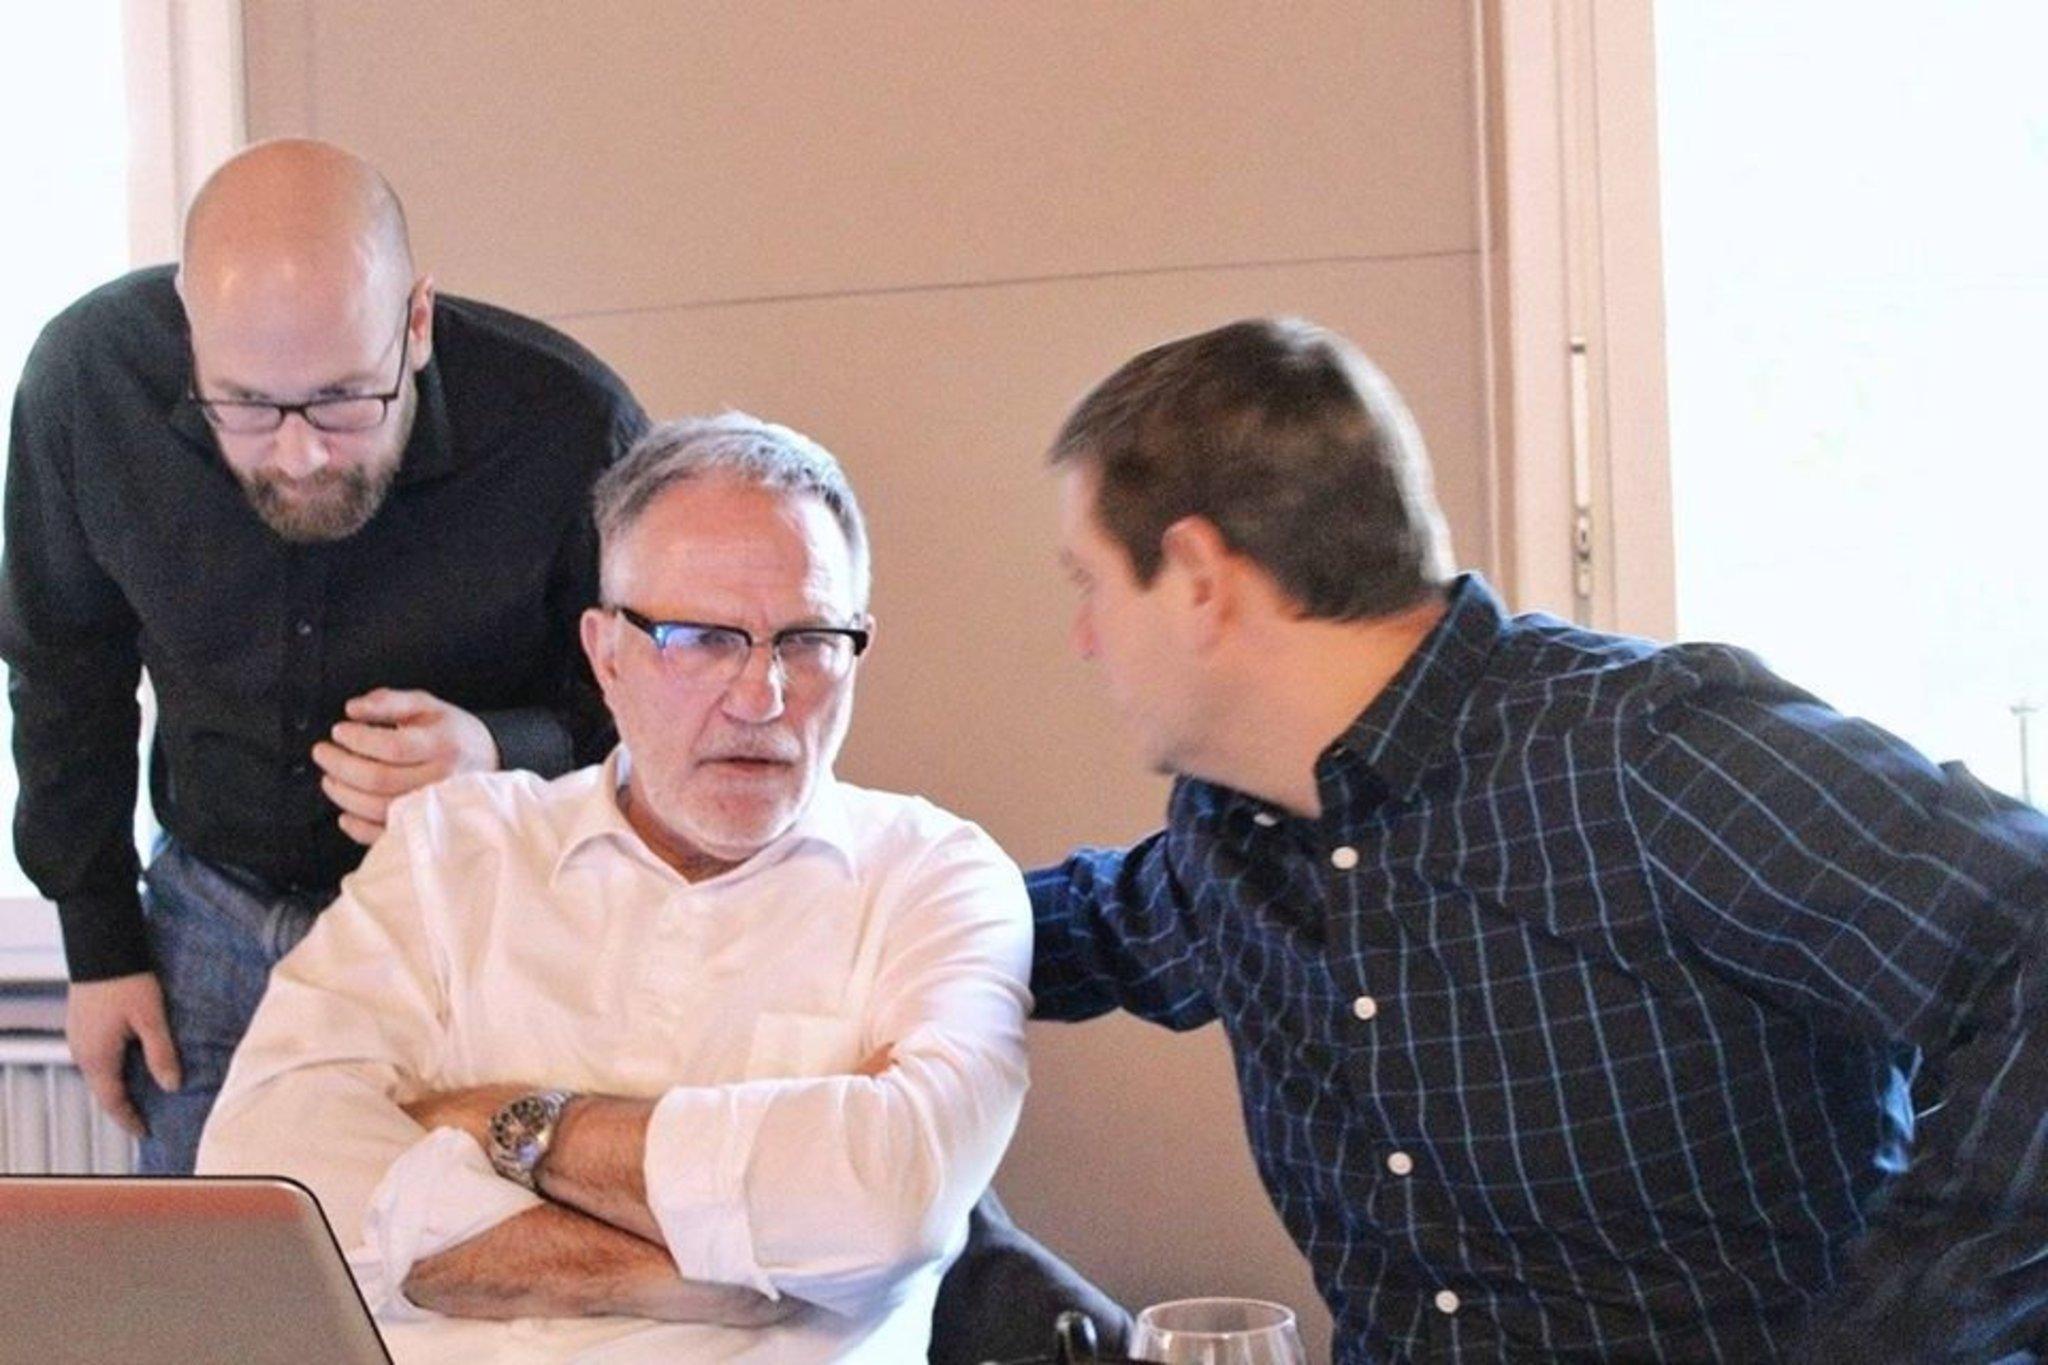 Kommunalwahl 2020 in Emmerich am Rhein: BGE will Hinze nicht unterstützen - Emmerich am Rhein - Lokalkompass.de